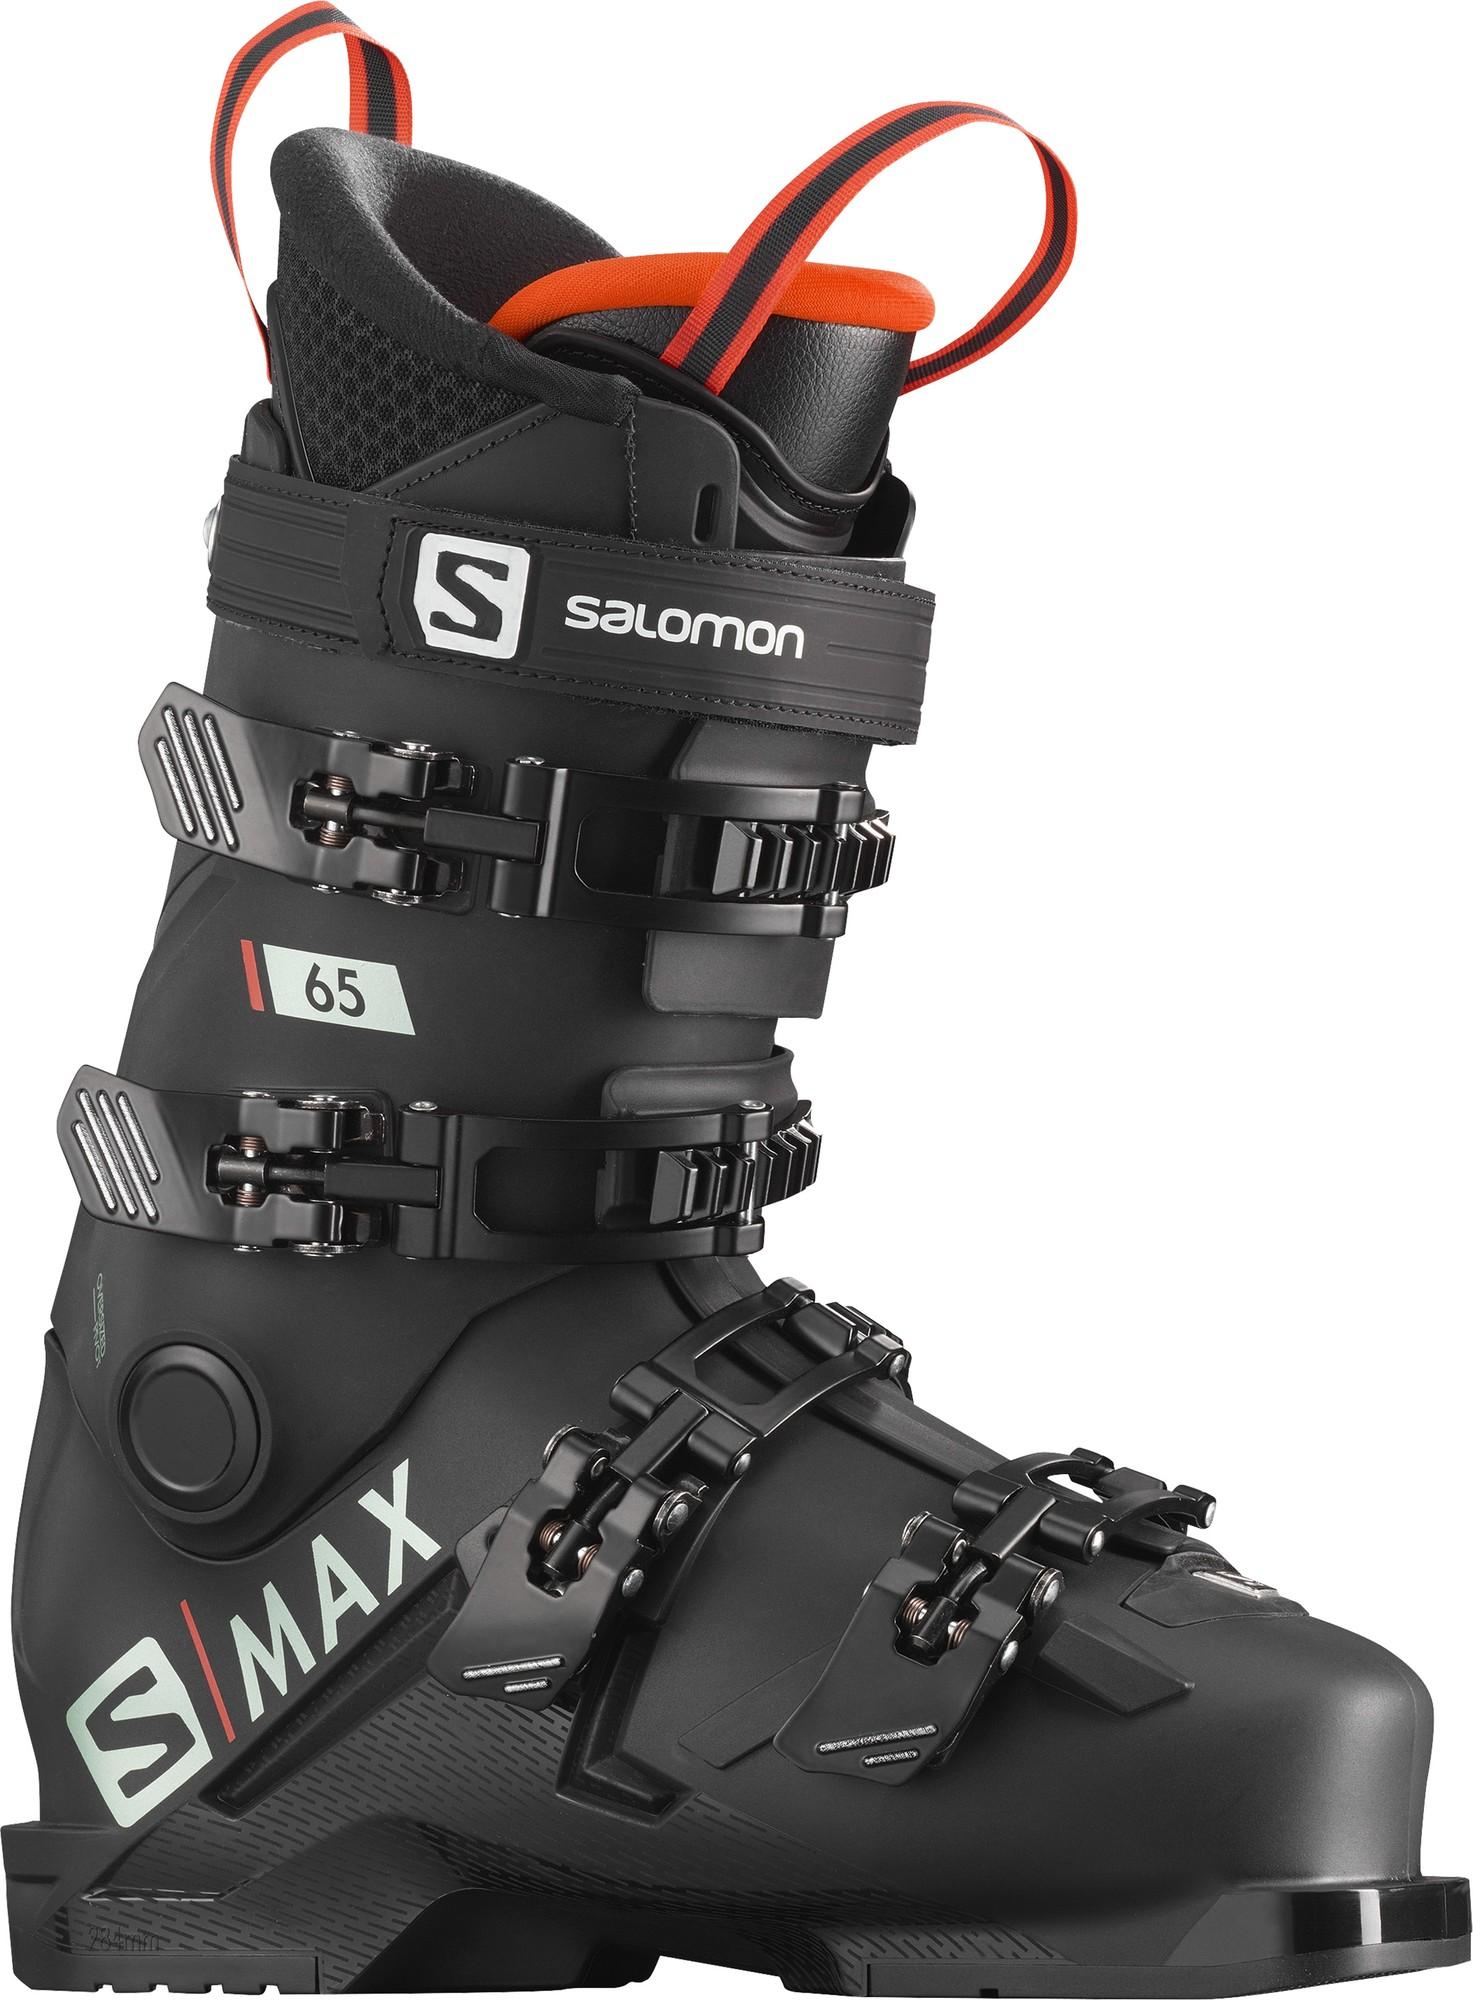 Salomon Ботинки горнолыжные детские Salomon S/MAX 65, размер 26 см